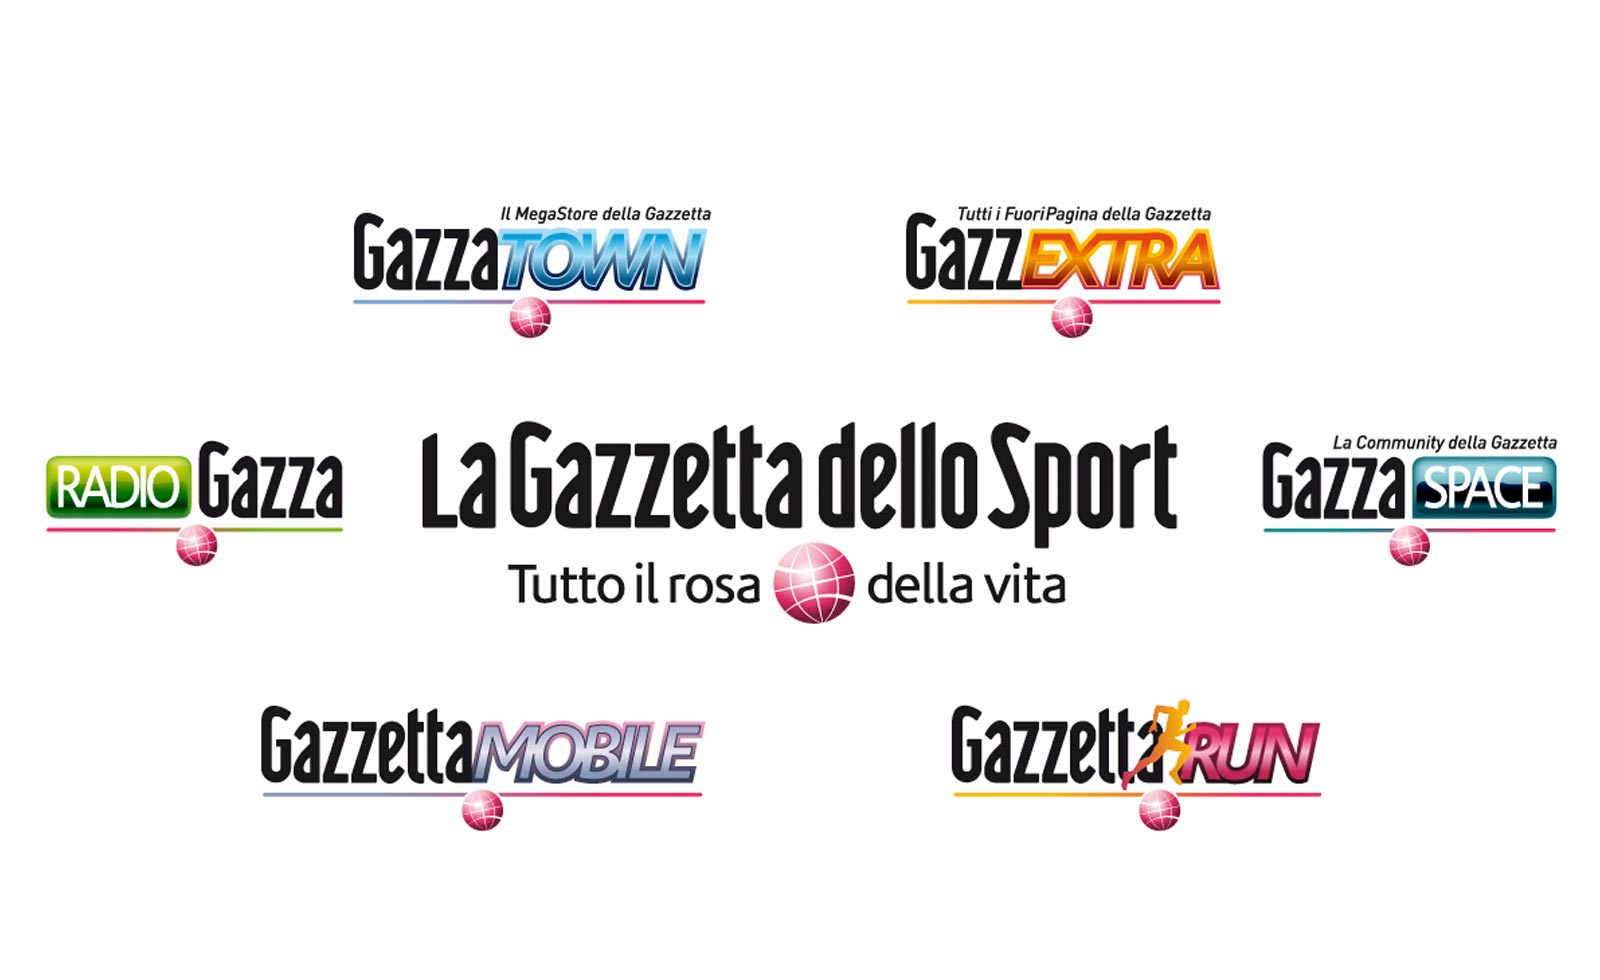 gazzetta dello sport brand architecture design system